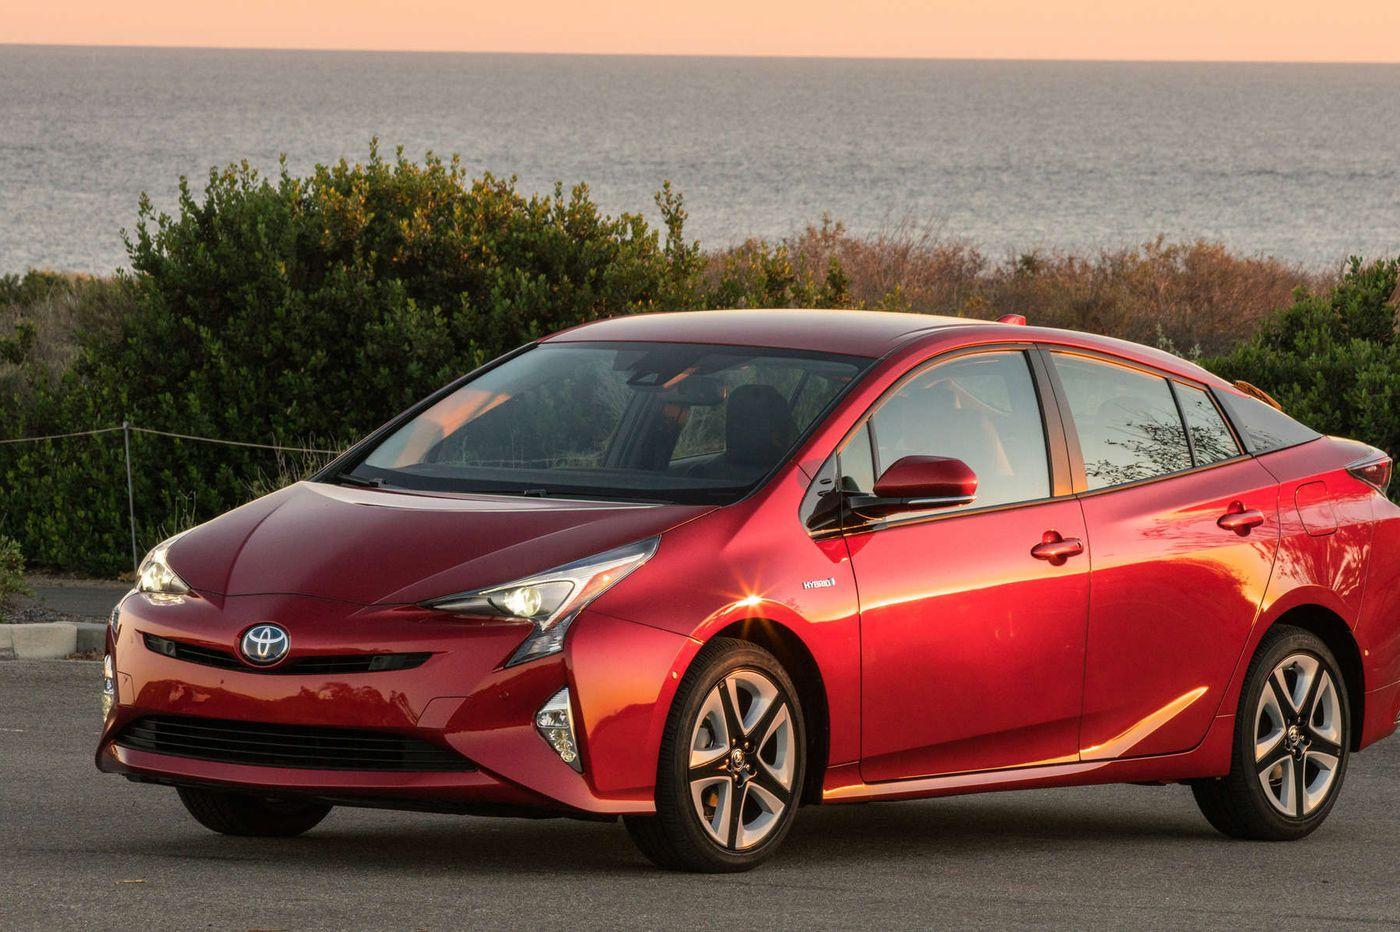 New Prius takes hybrid to the next level